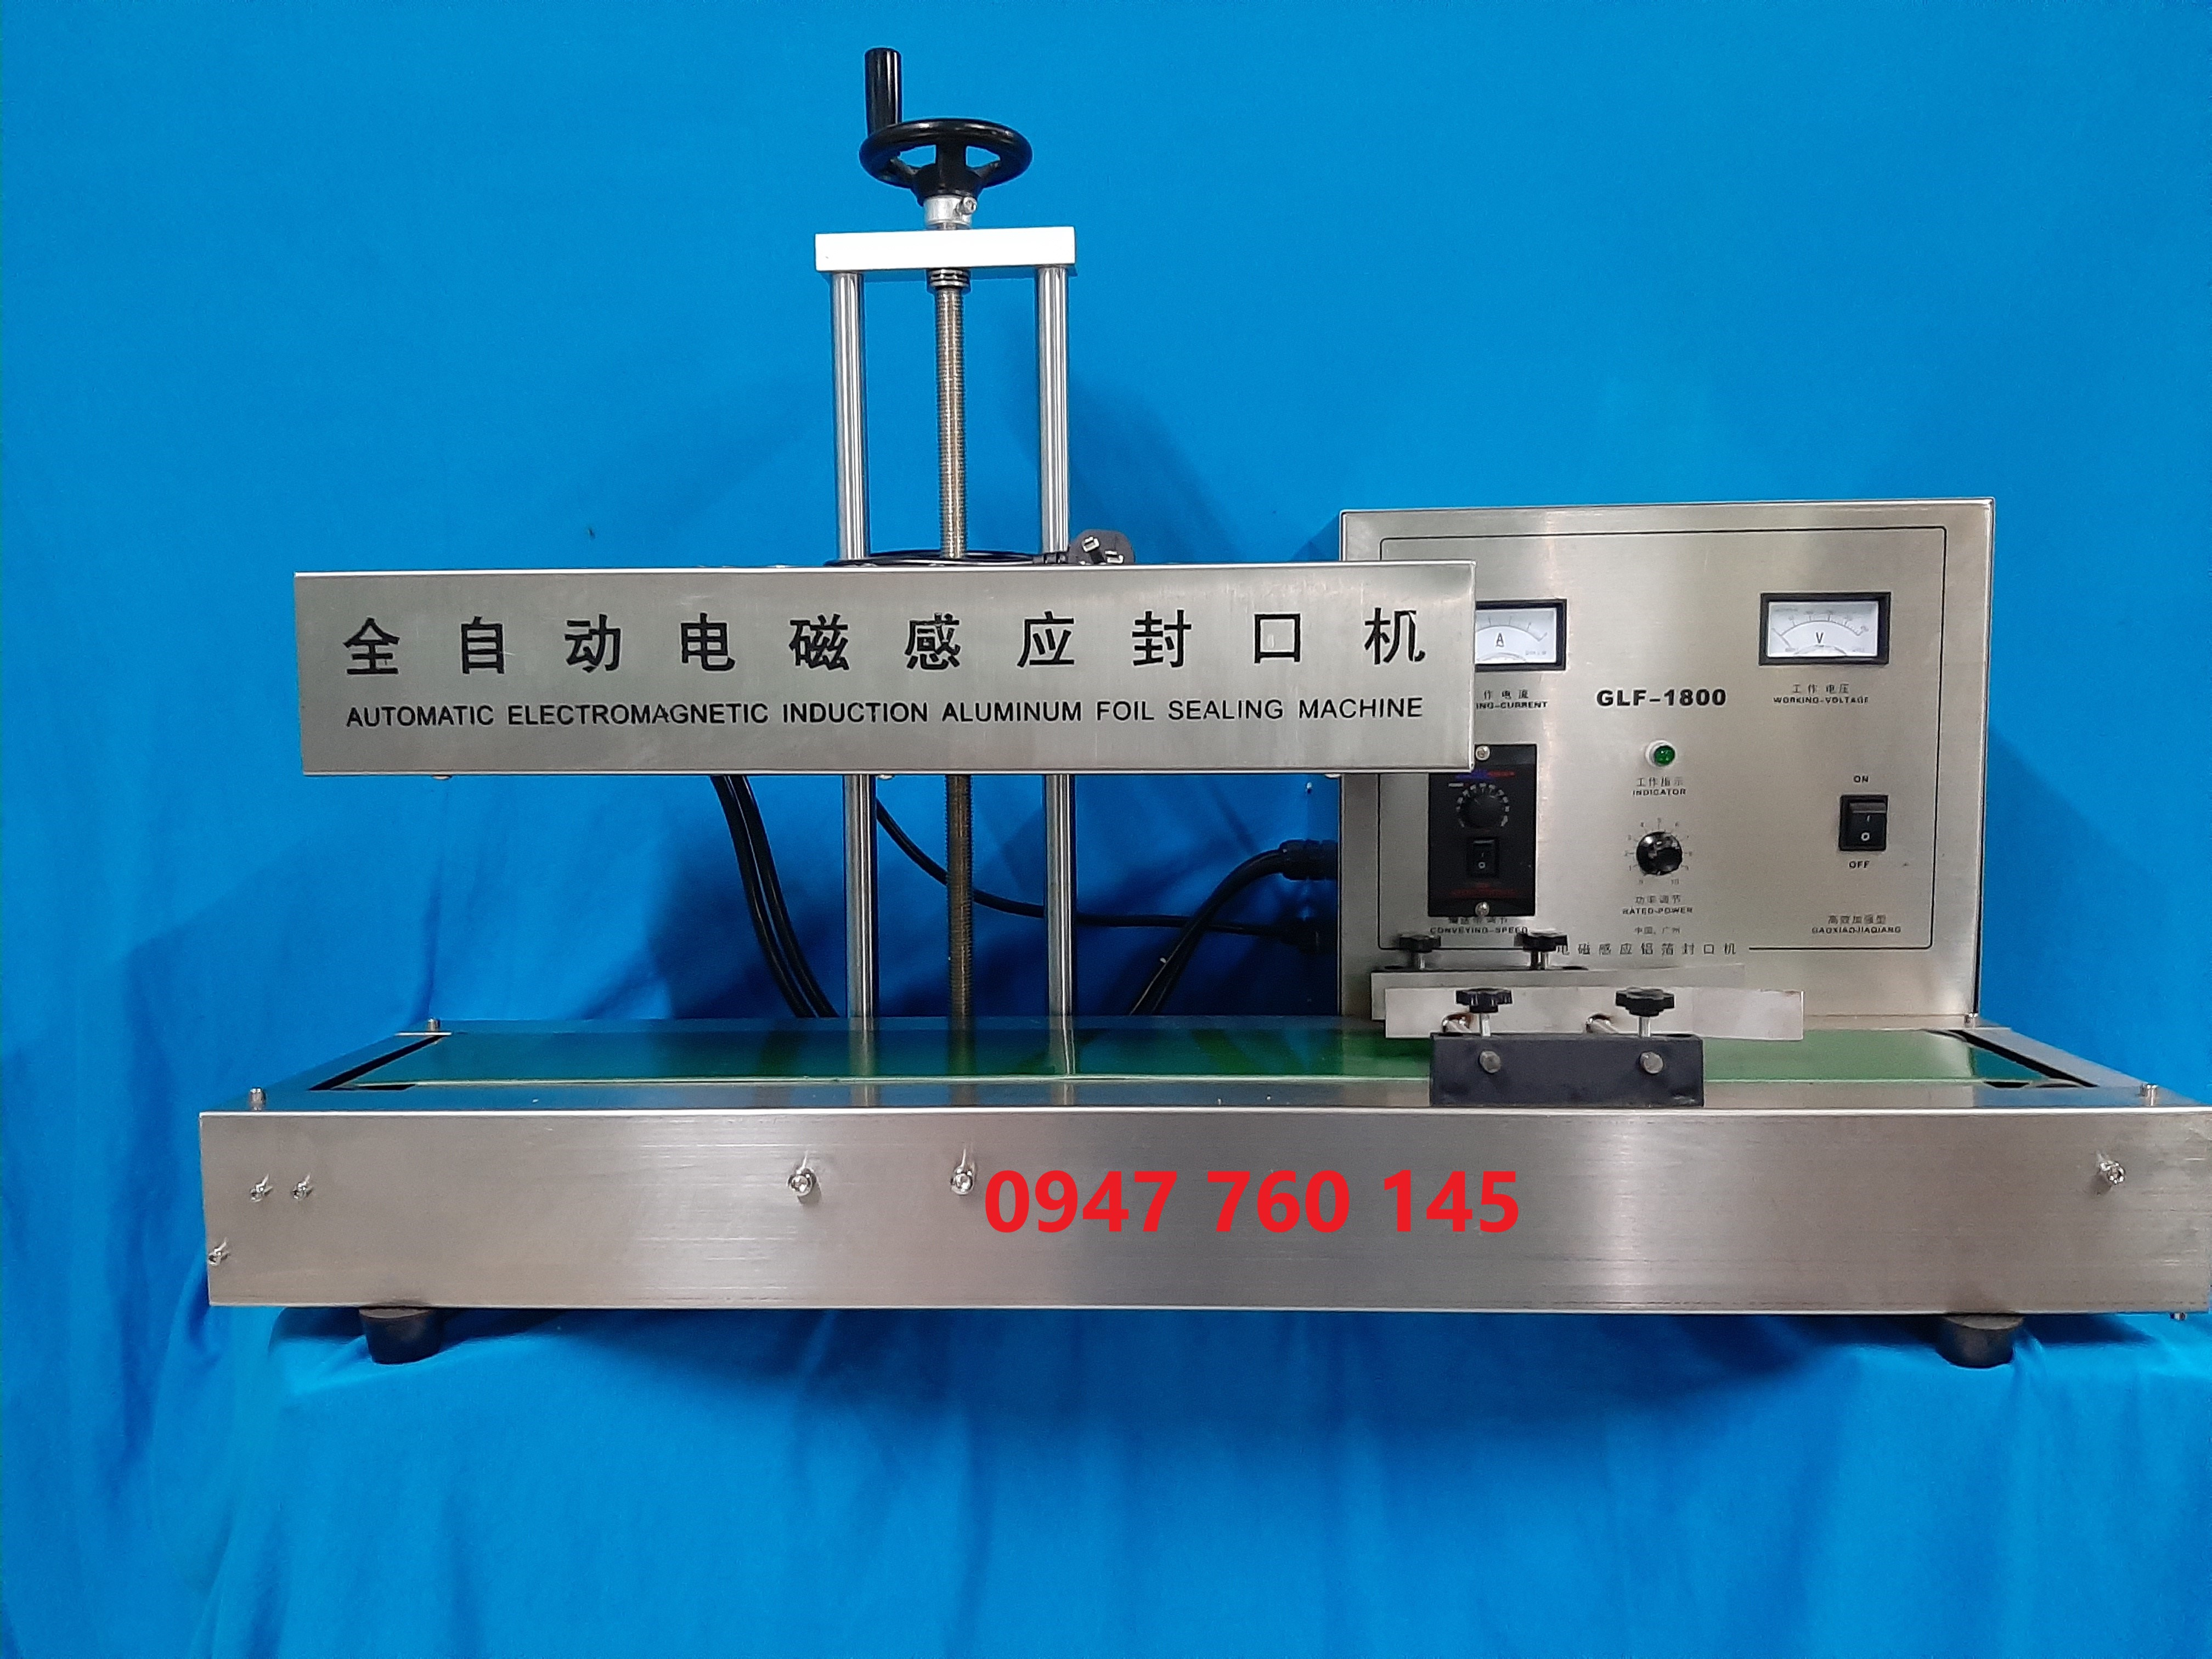 Máy seal màng nhôm tự động GLF-1800